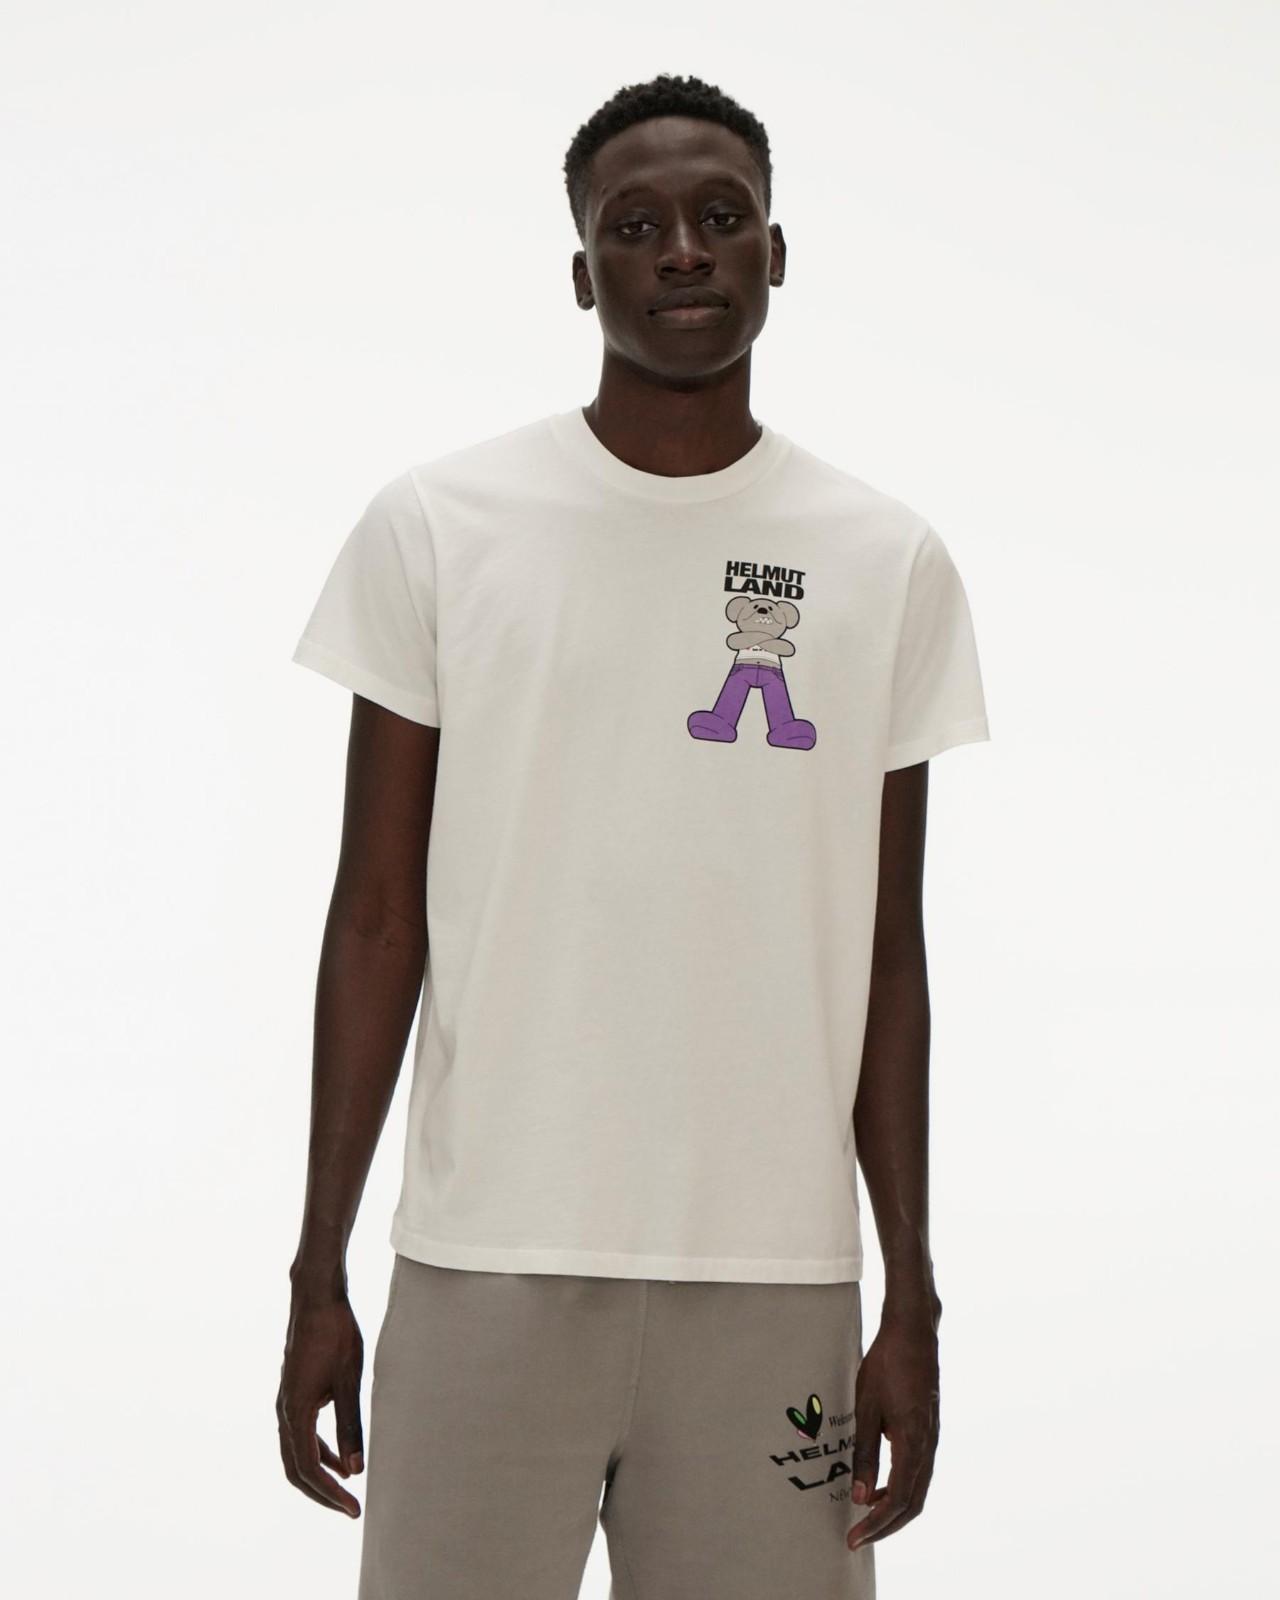 LAND® SMALL MASCOT T恤